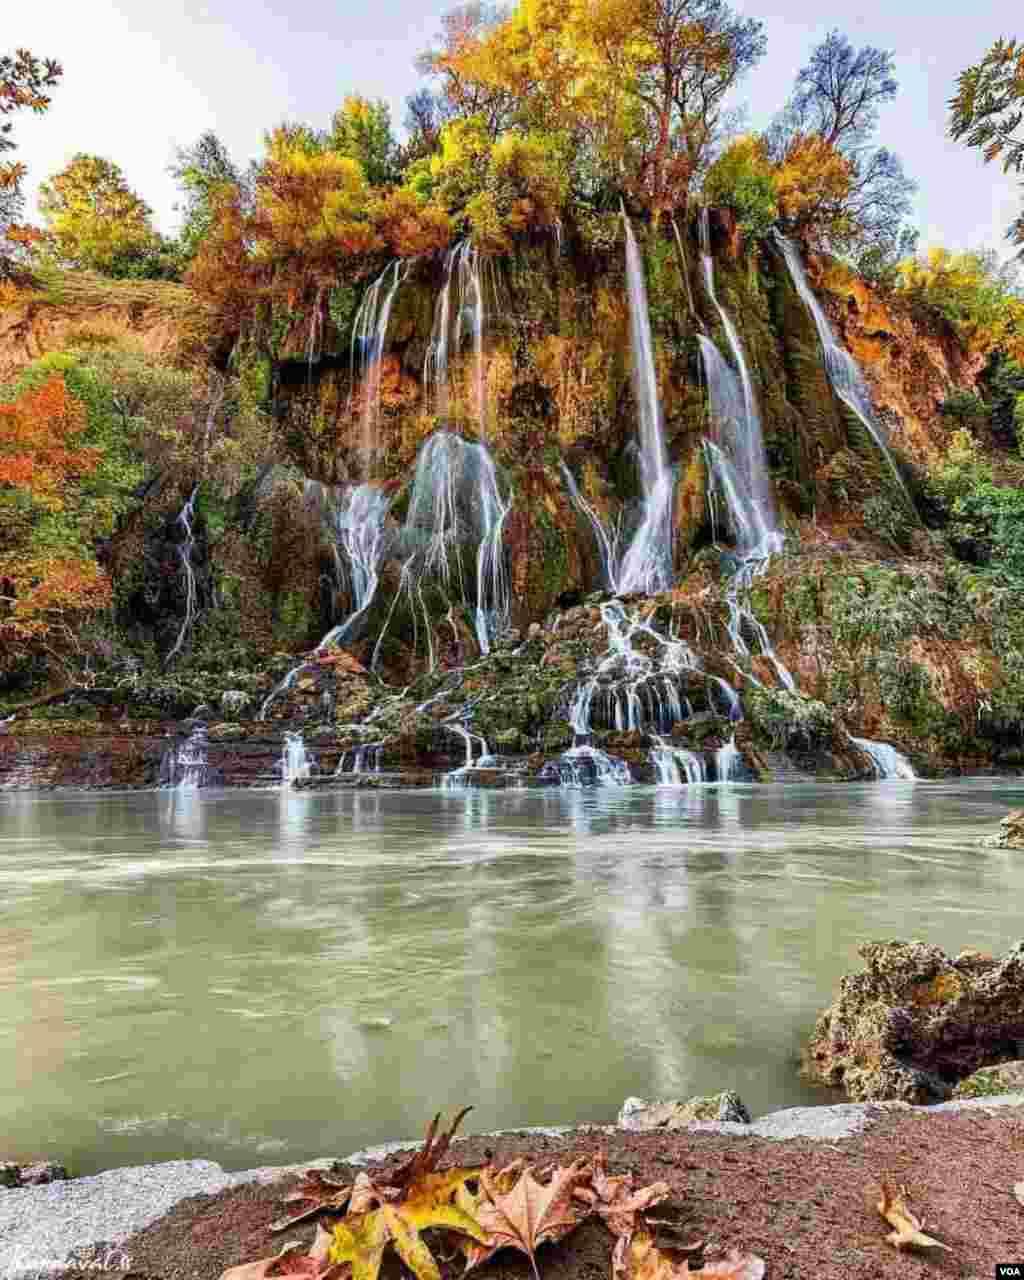 پاییز آبشار بیشه عکس: بهزاد میرزایی فتح آباد (ارسالی شما)